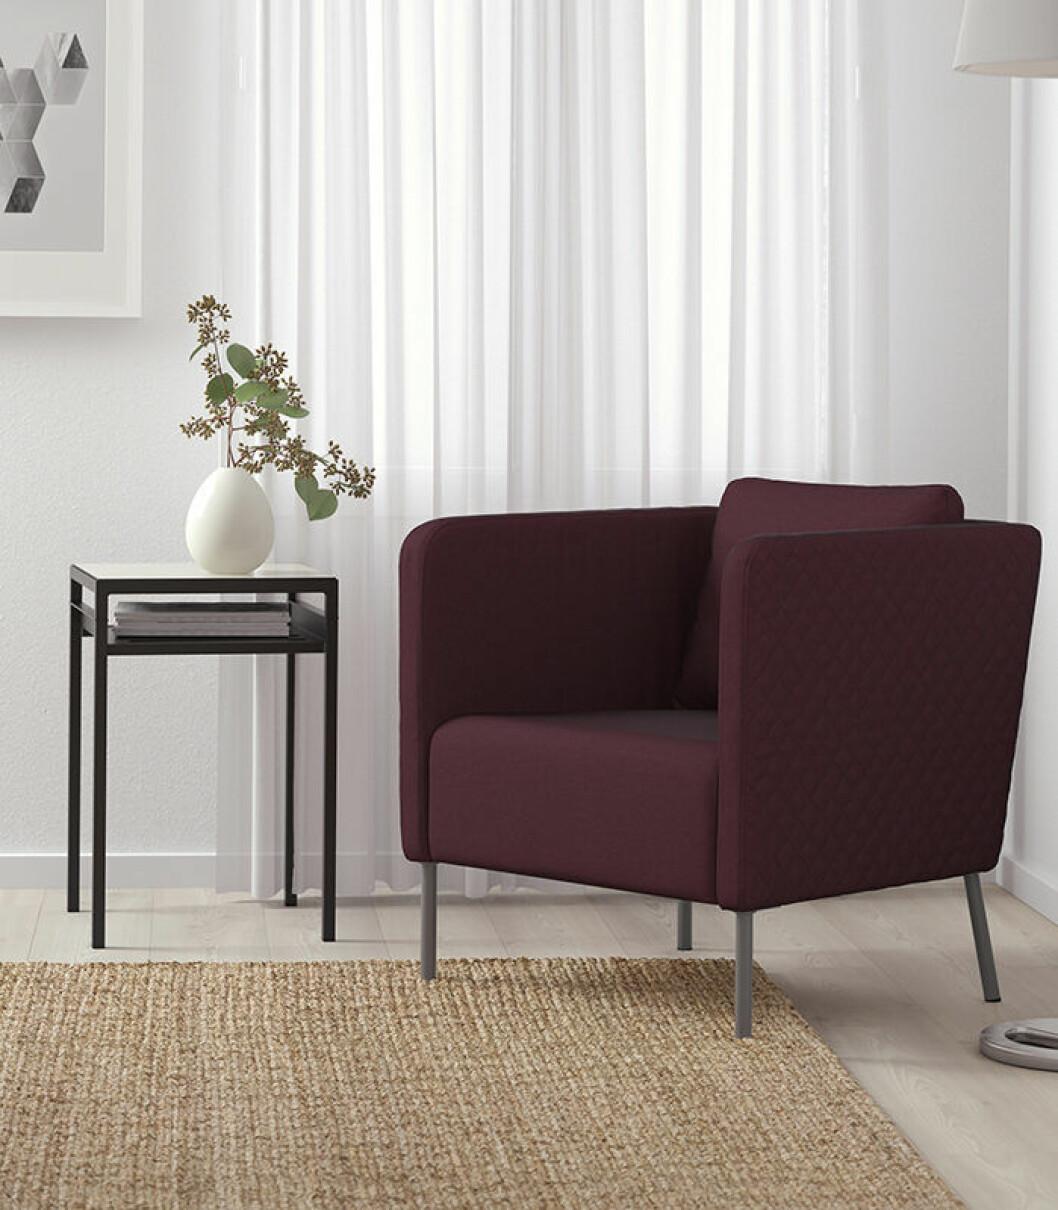 Ekerö fåtöljen från Ikea, designad av Eva Lilja Löwenhielm.